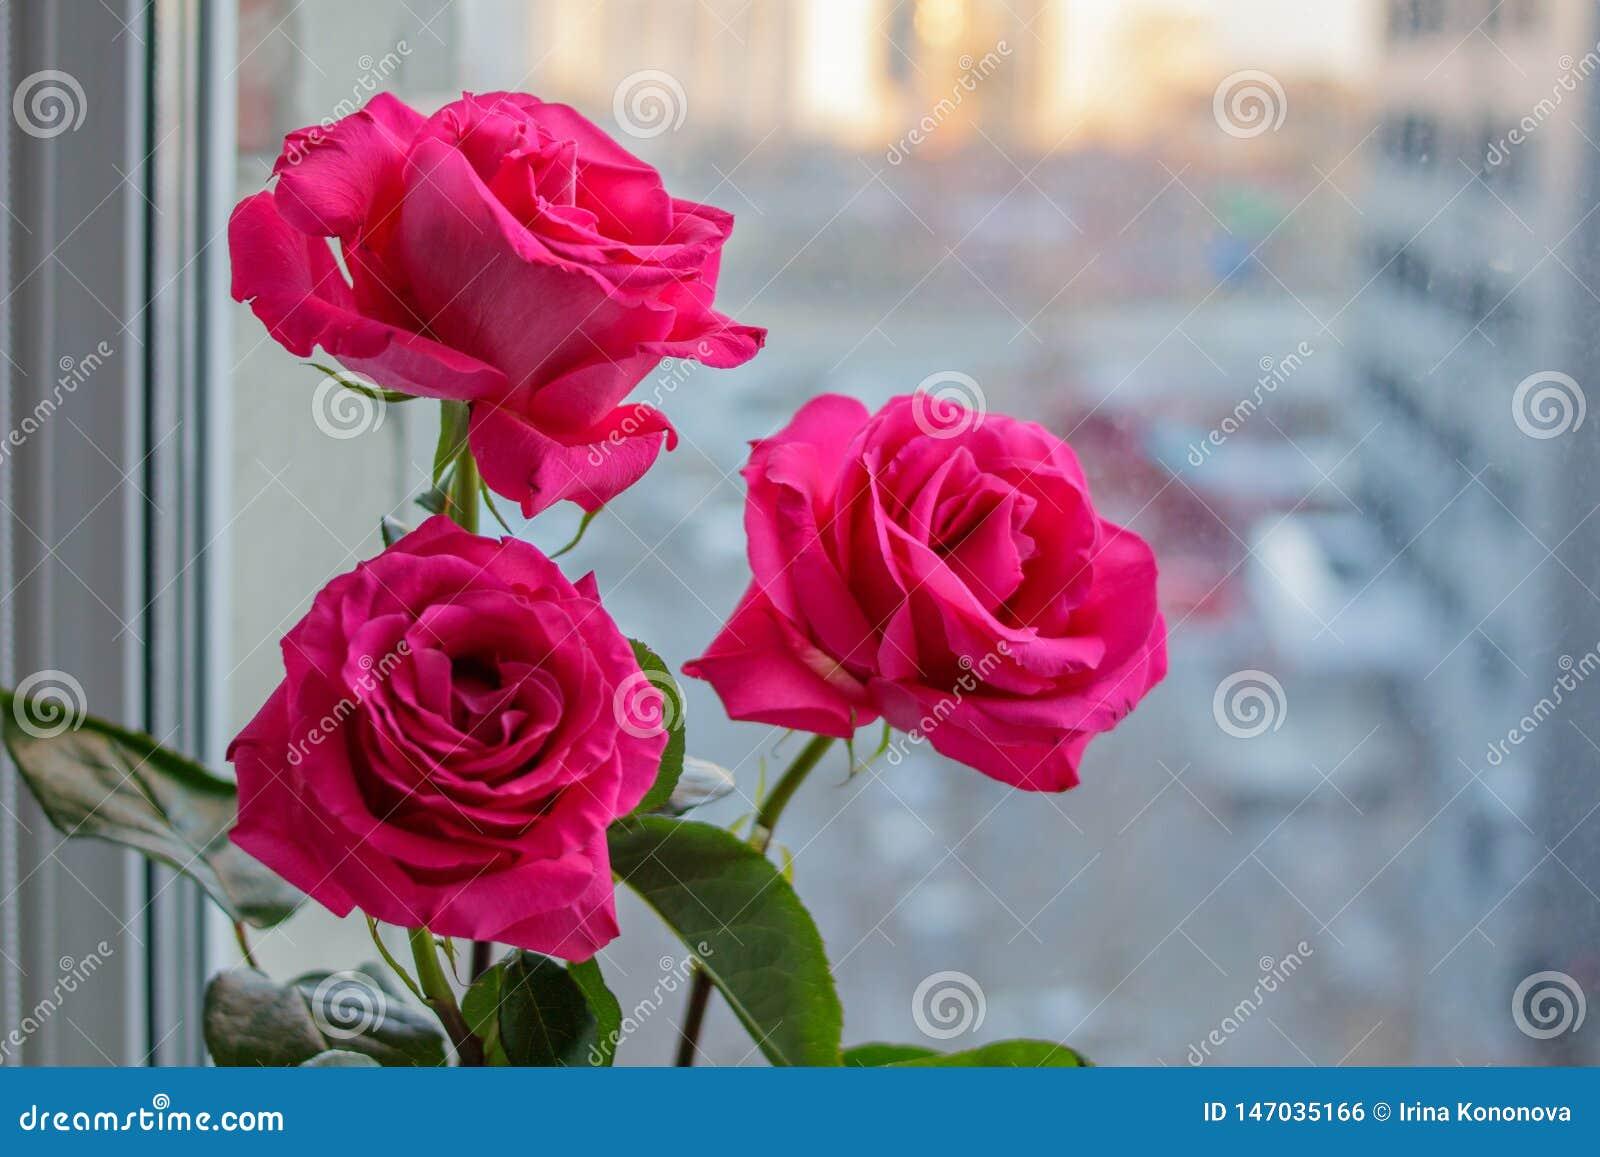 Bouquet de trois roses roses sensibles sur la fenêtre